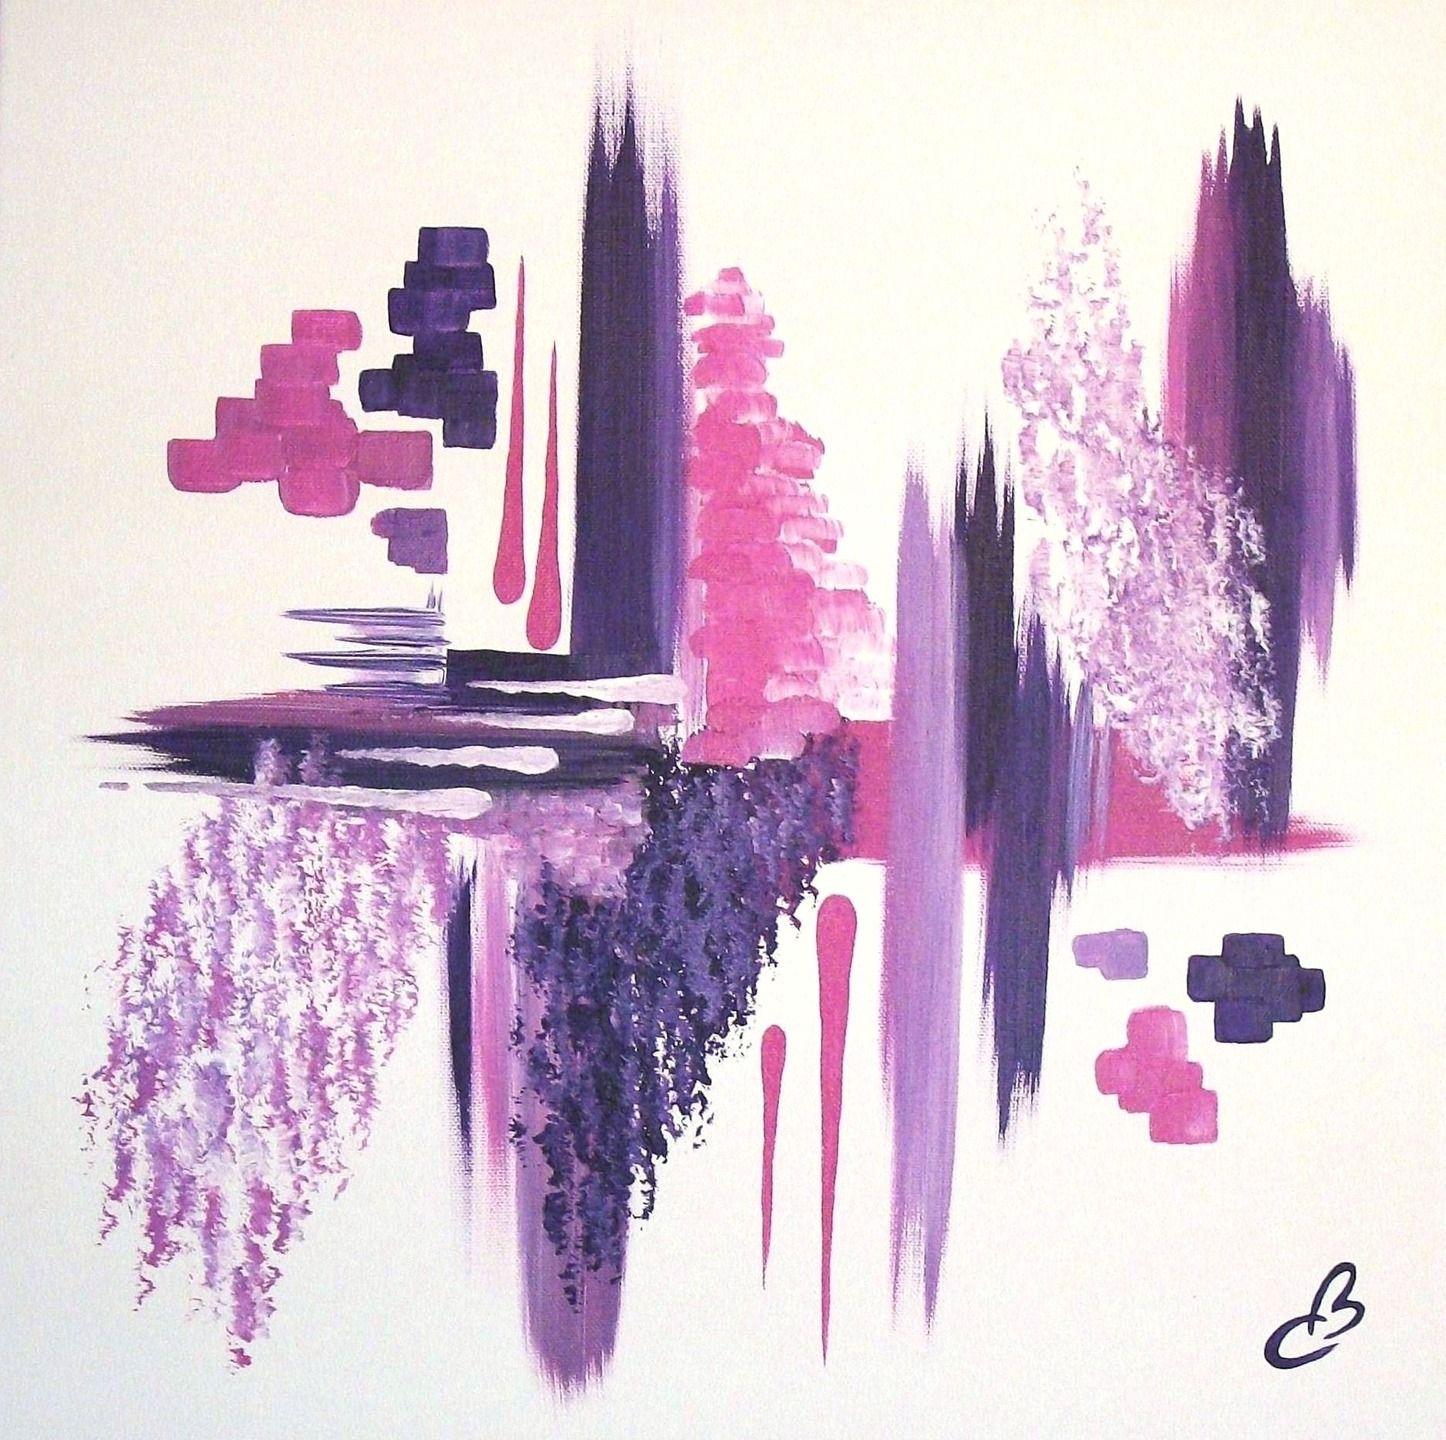 tableau abstrait fragrance violet et rose peintures par catherine ballandras artiste peintre. Black Bedroom Furniture Sets. Home Design Ideas